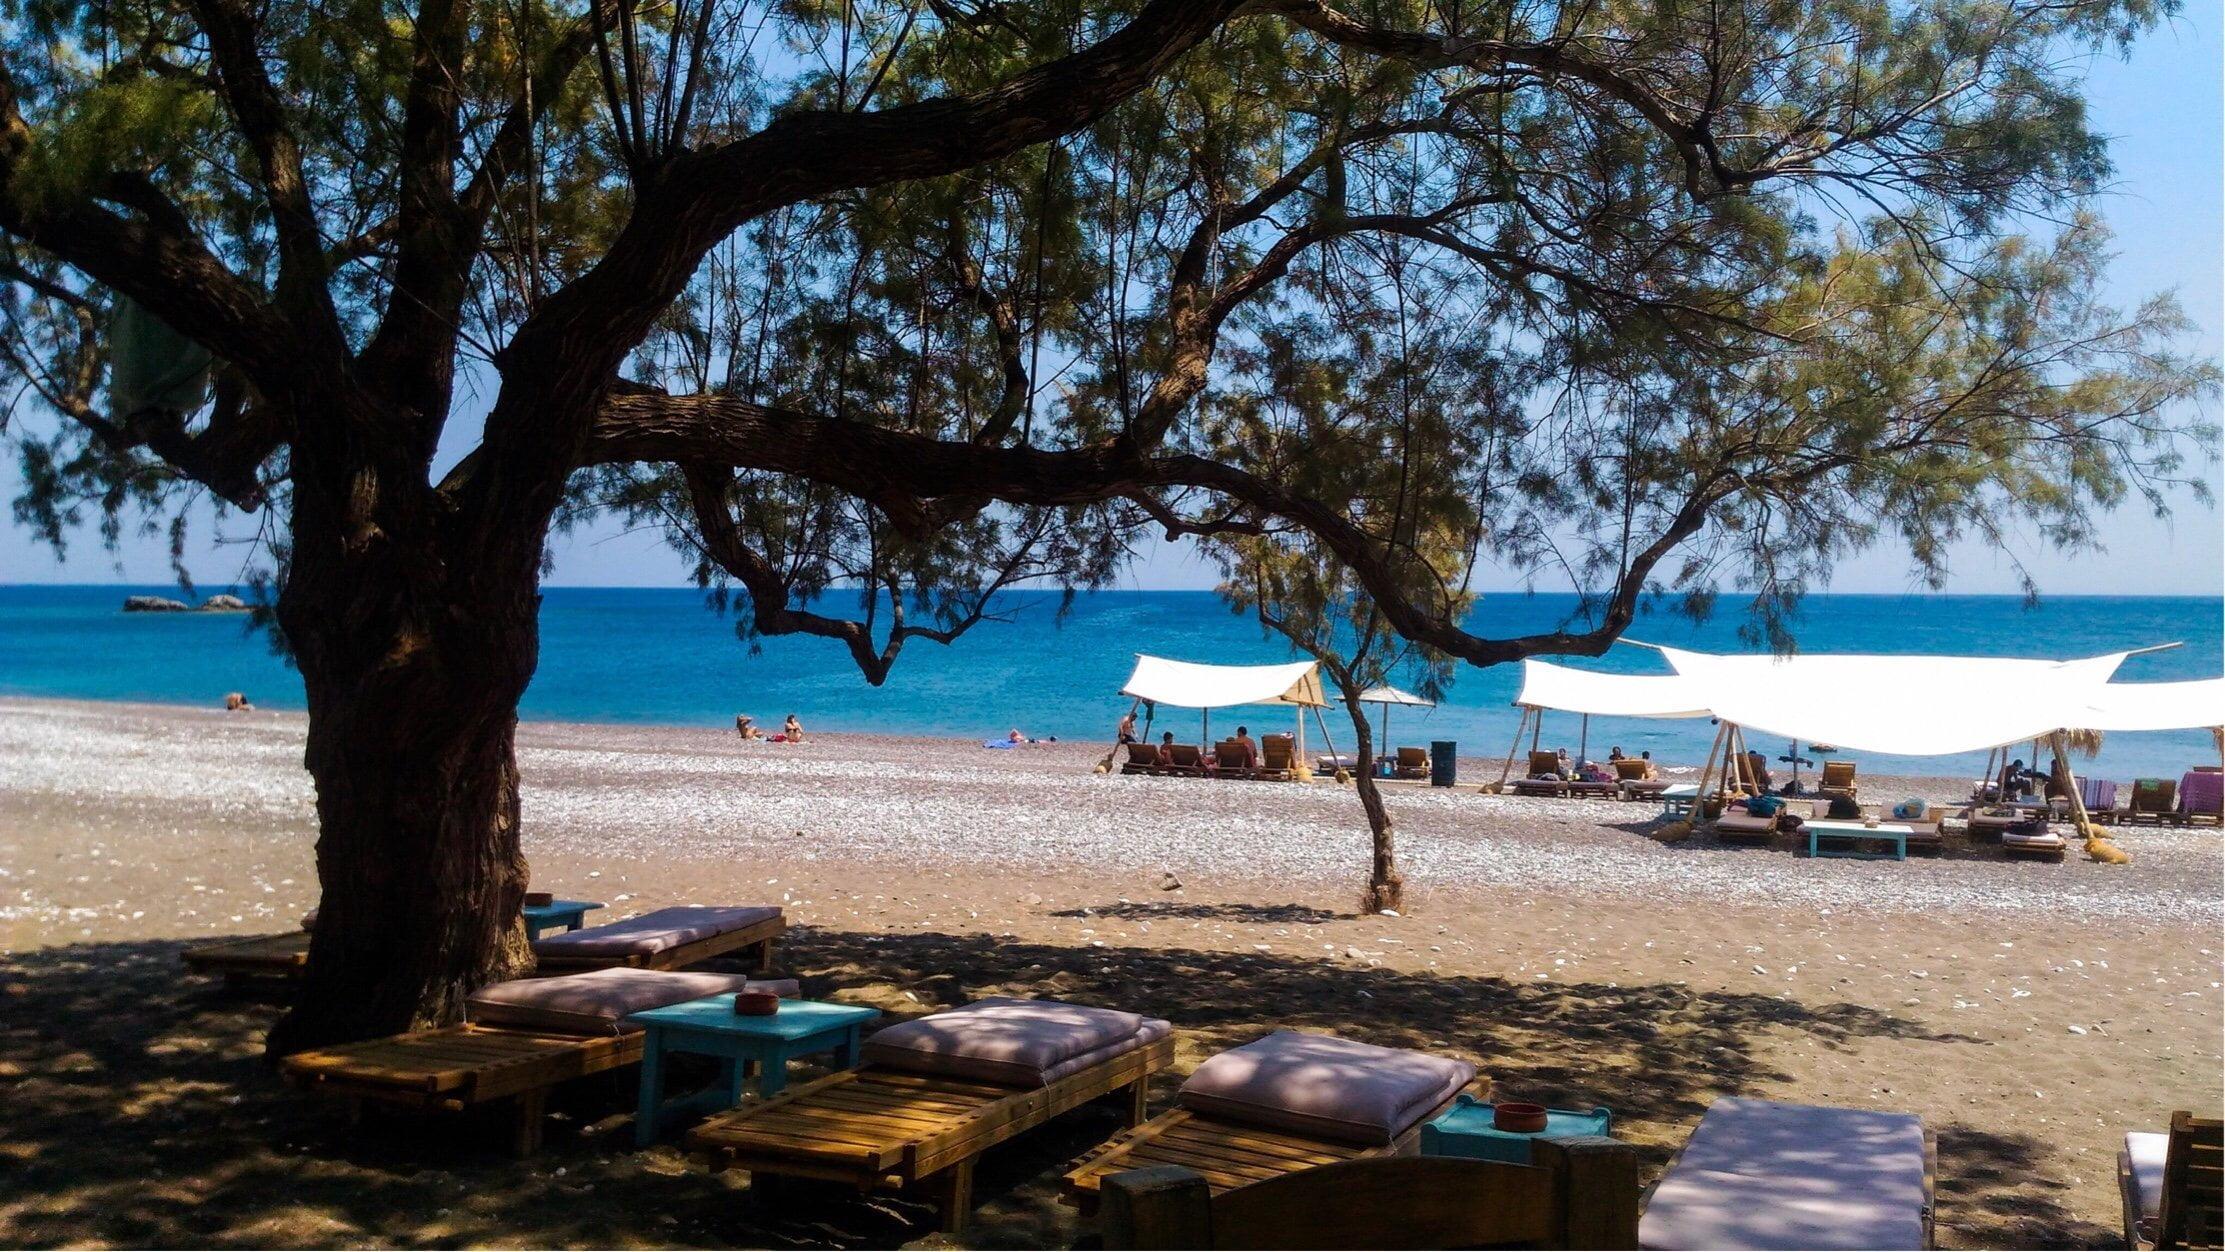 Gennadi beach_più belle spiagge greche di Rodi